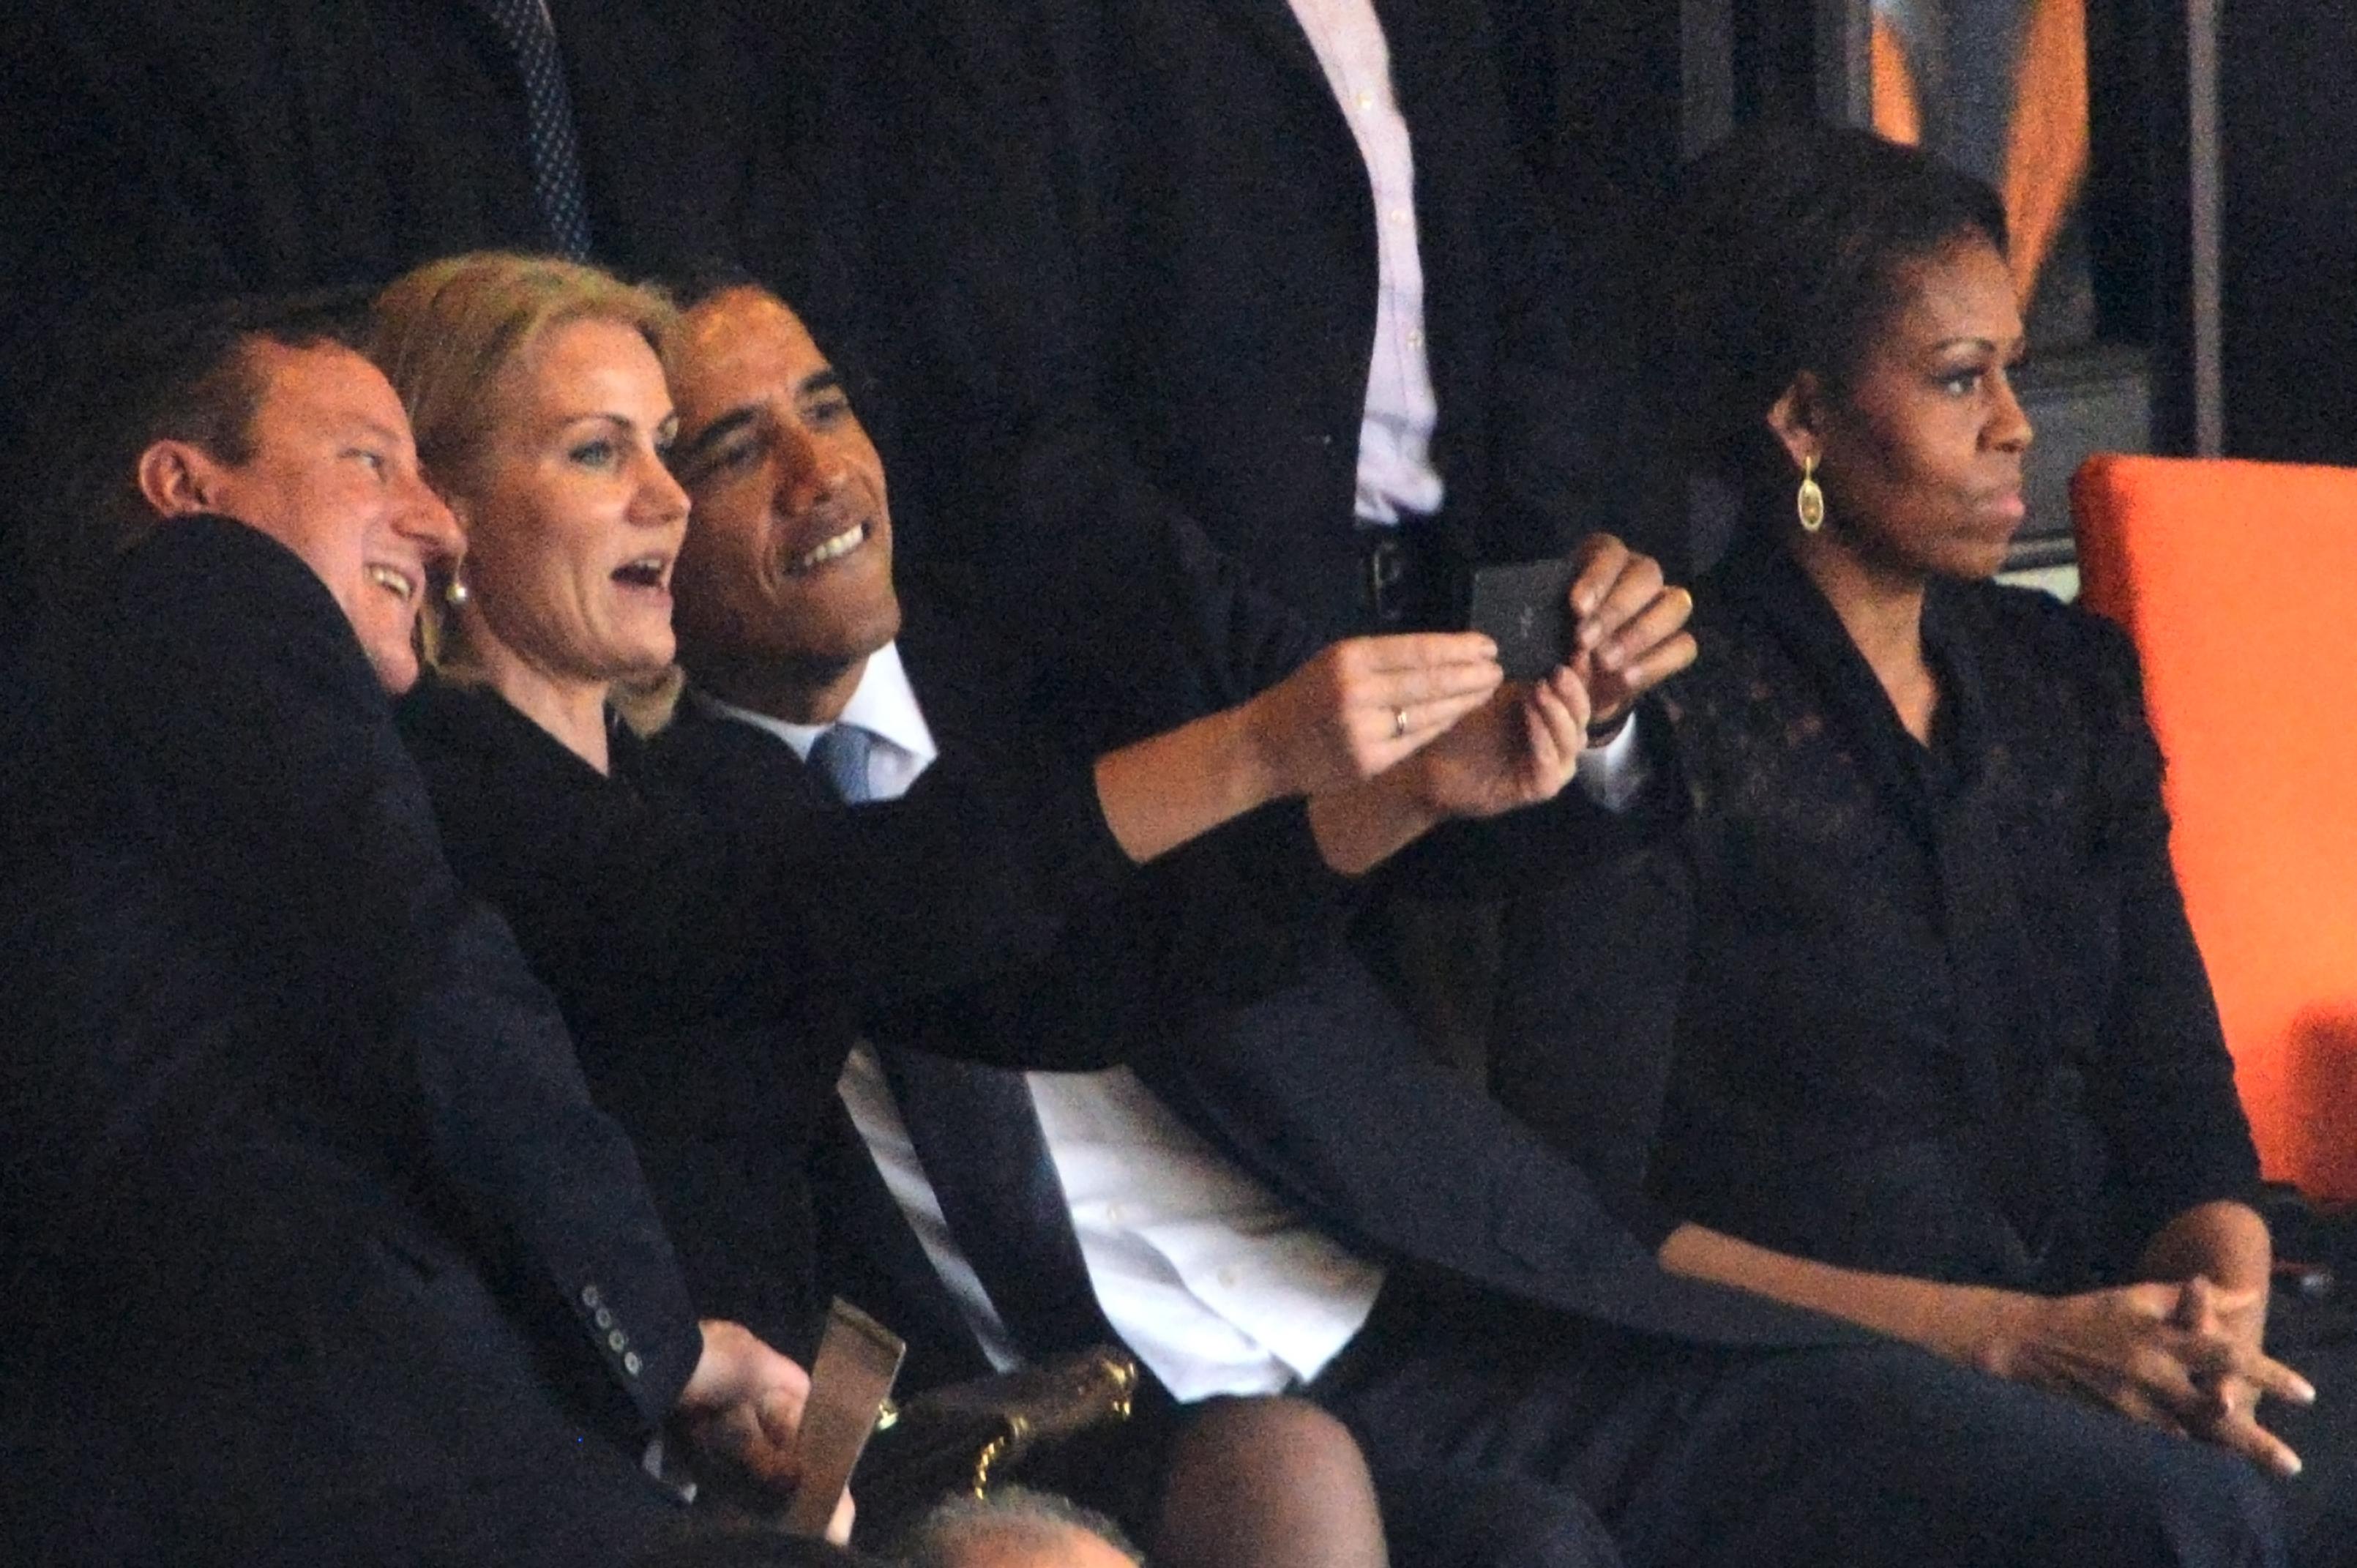 President Obama Selfie